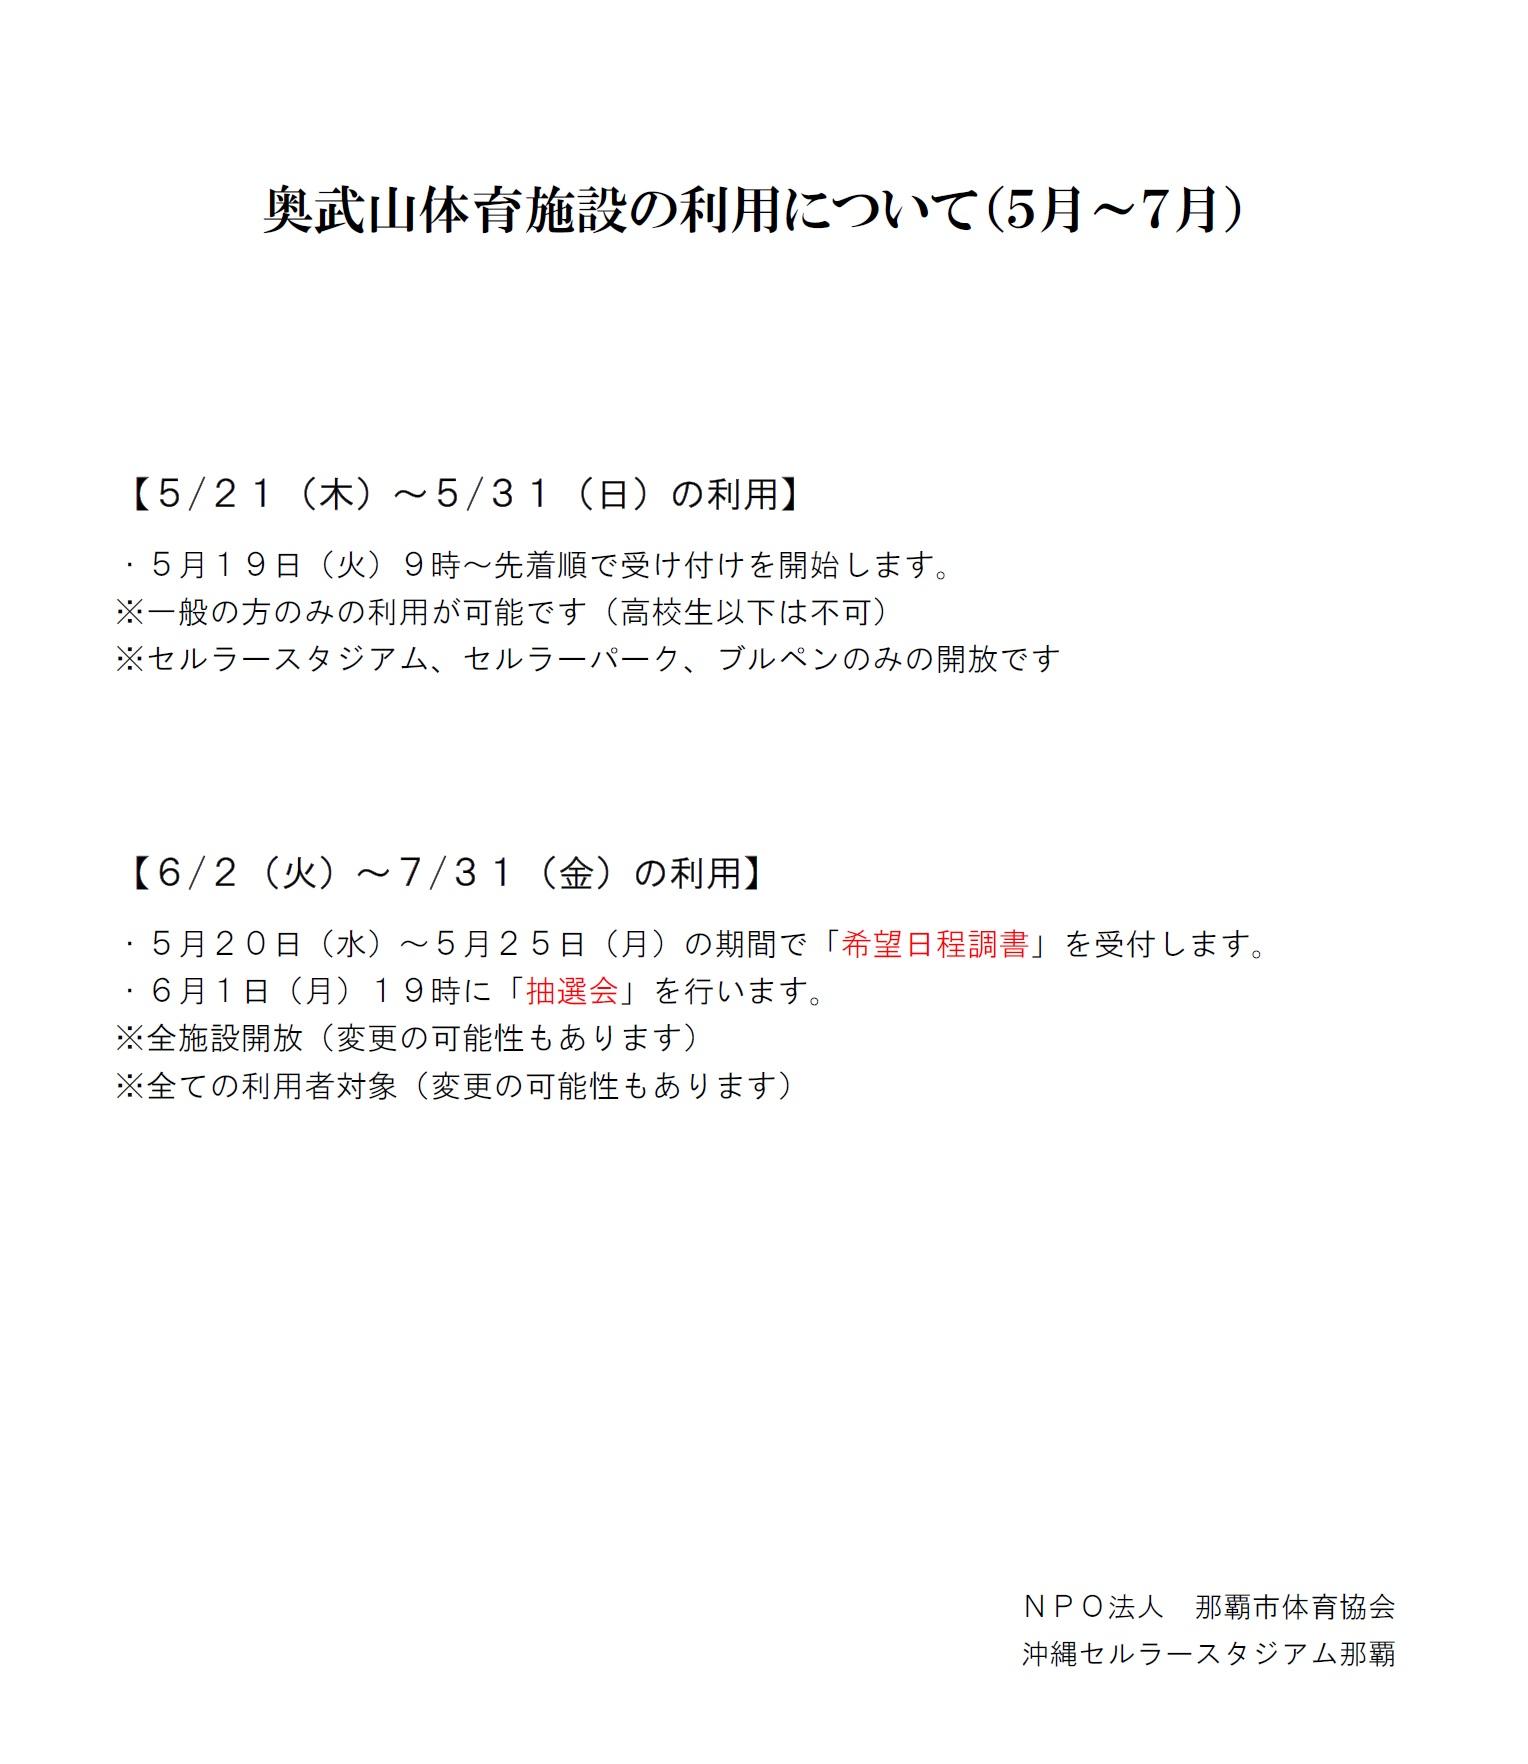 予約受付について(6月~7月)